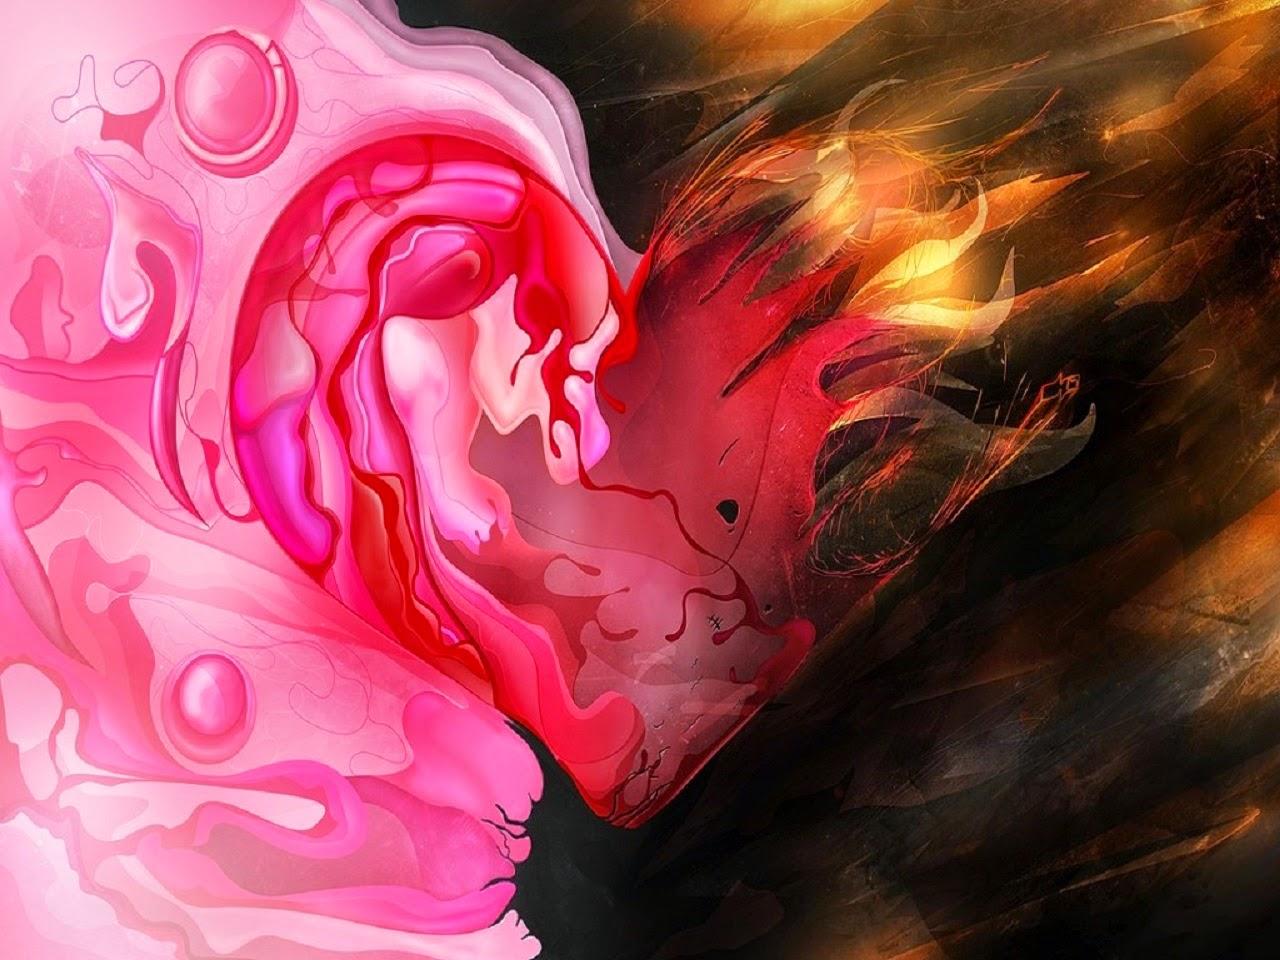 Romantic Love Heart Designs HD cover Wallpaper PIXHOME